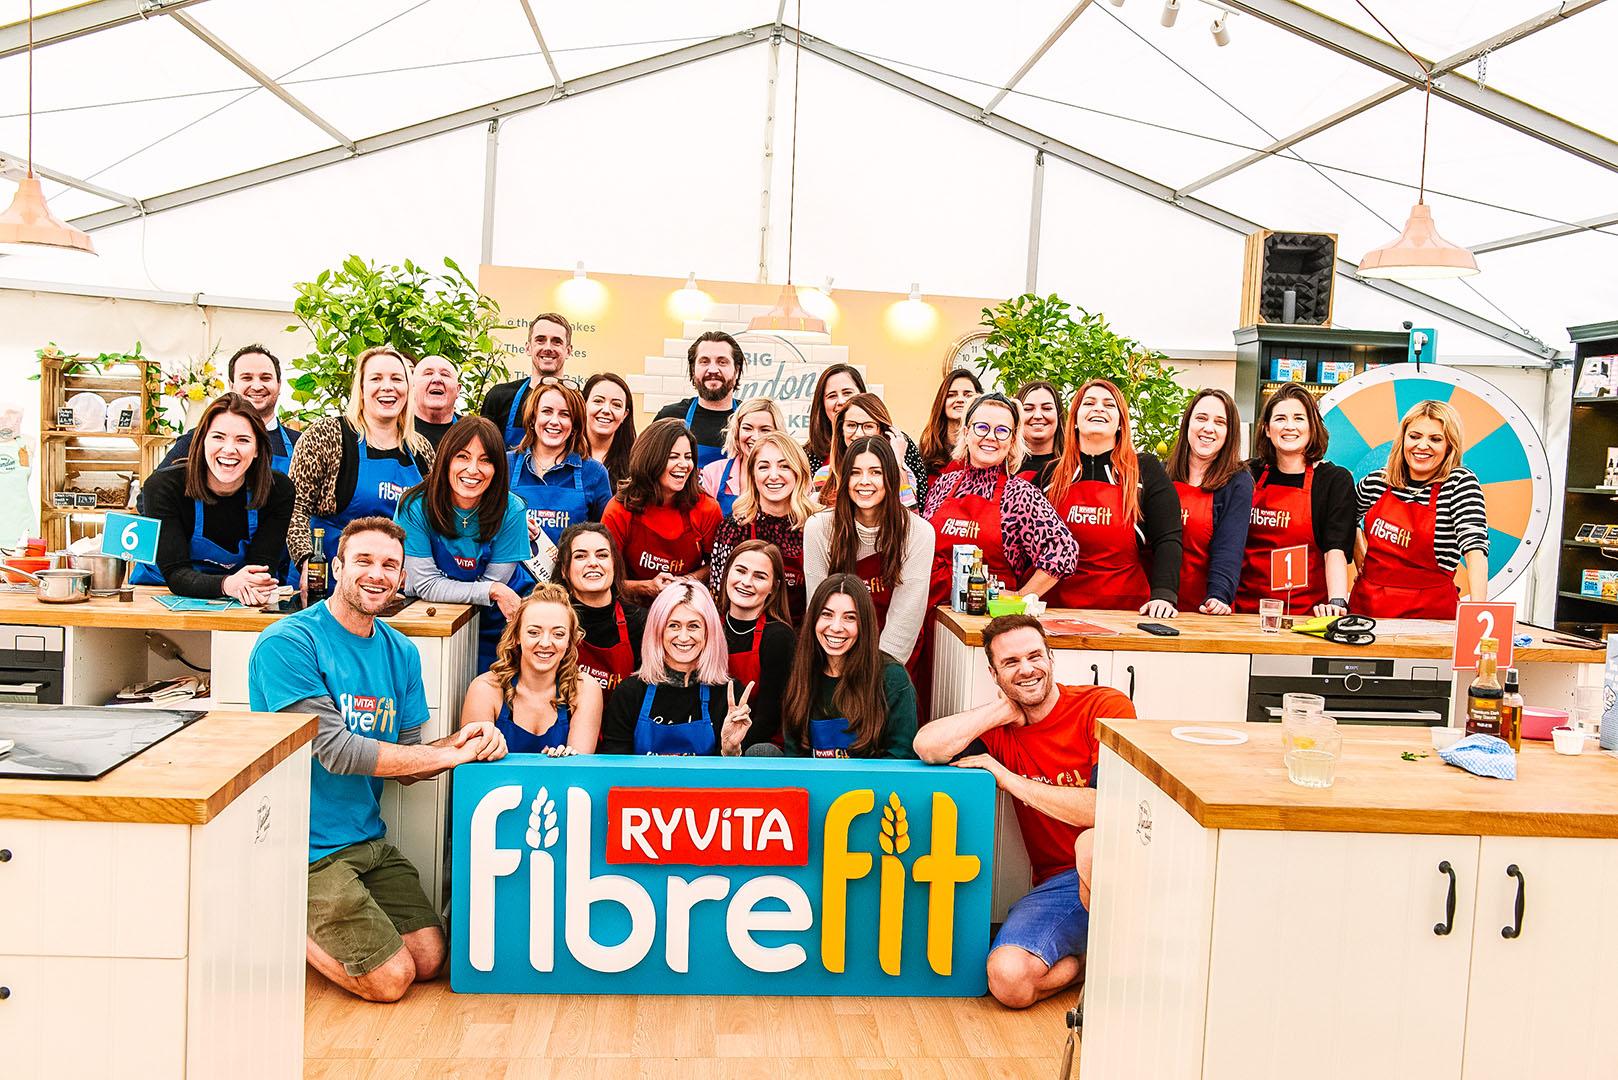 Ryvita Event Fibre Fit team